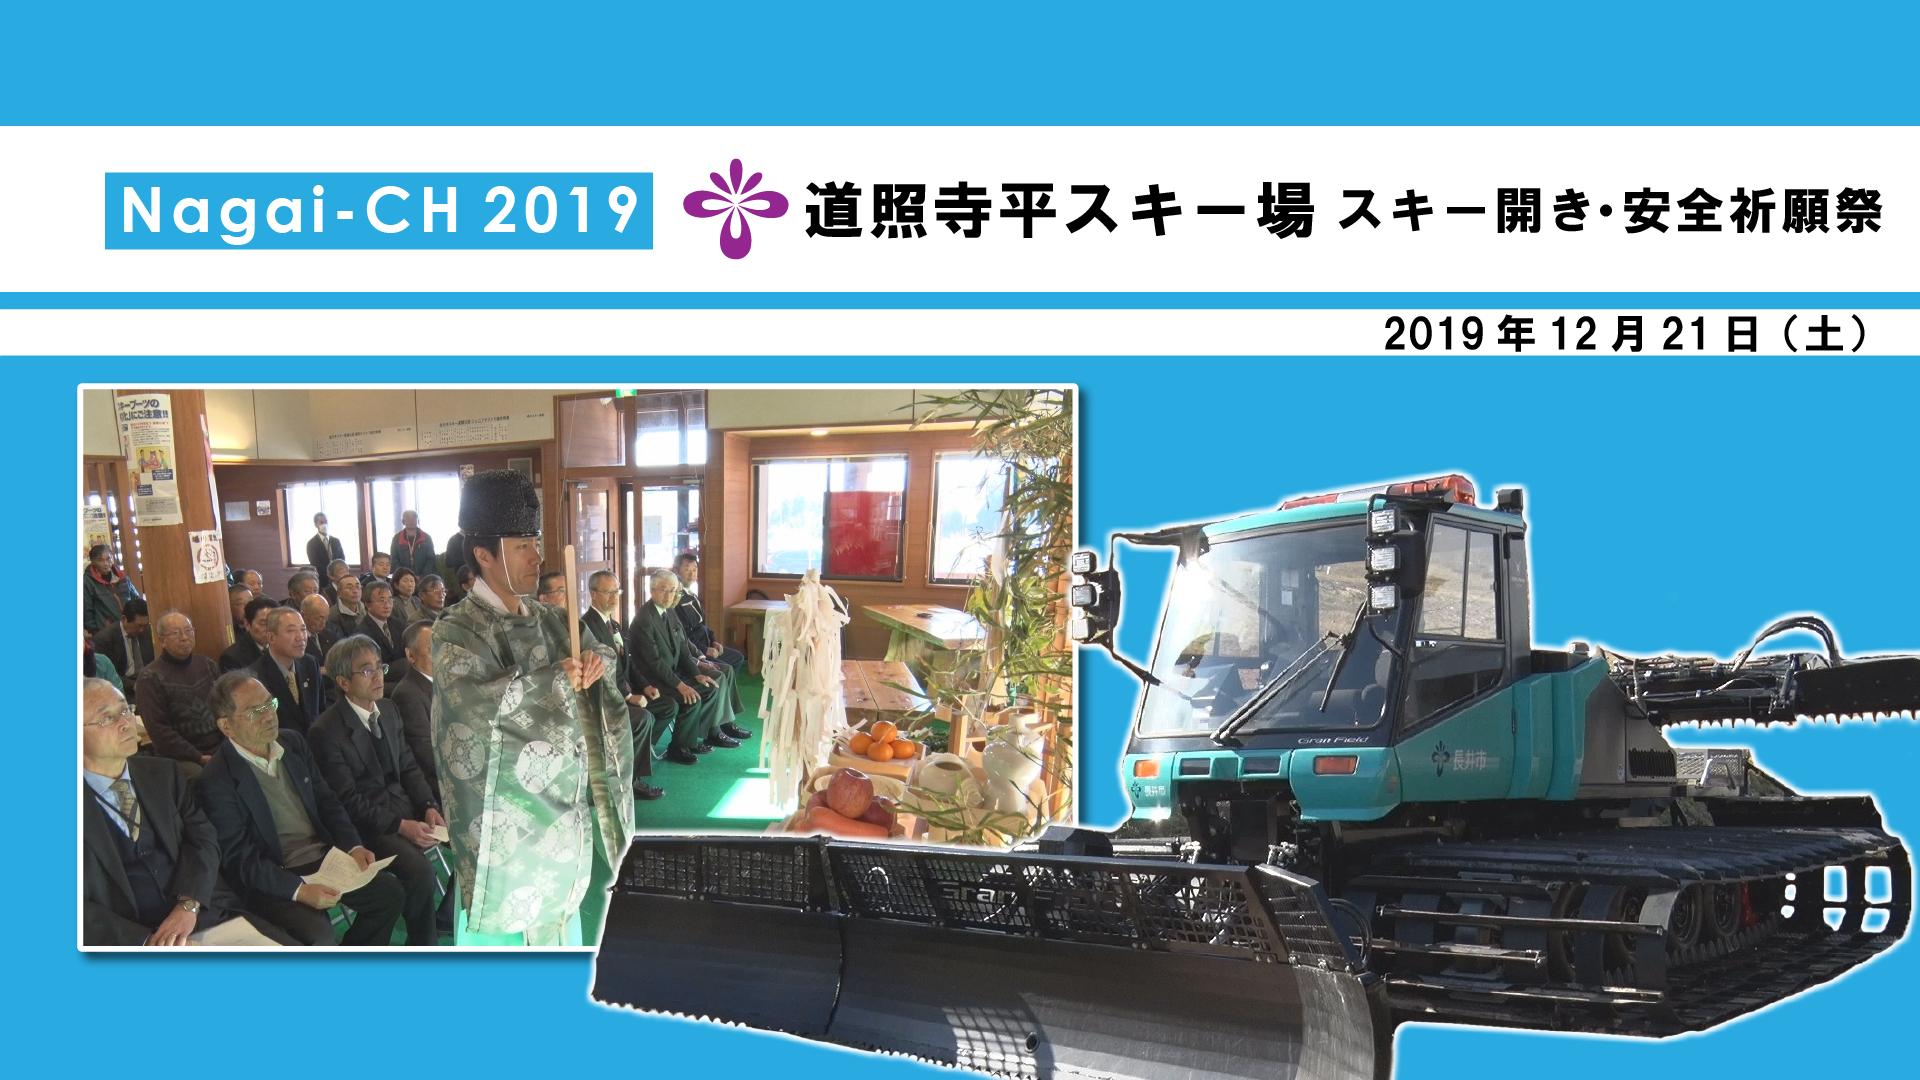 【長井市】道照寺平スキー場安全祈願祭(令和元年12月21日) :画像